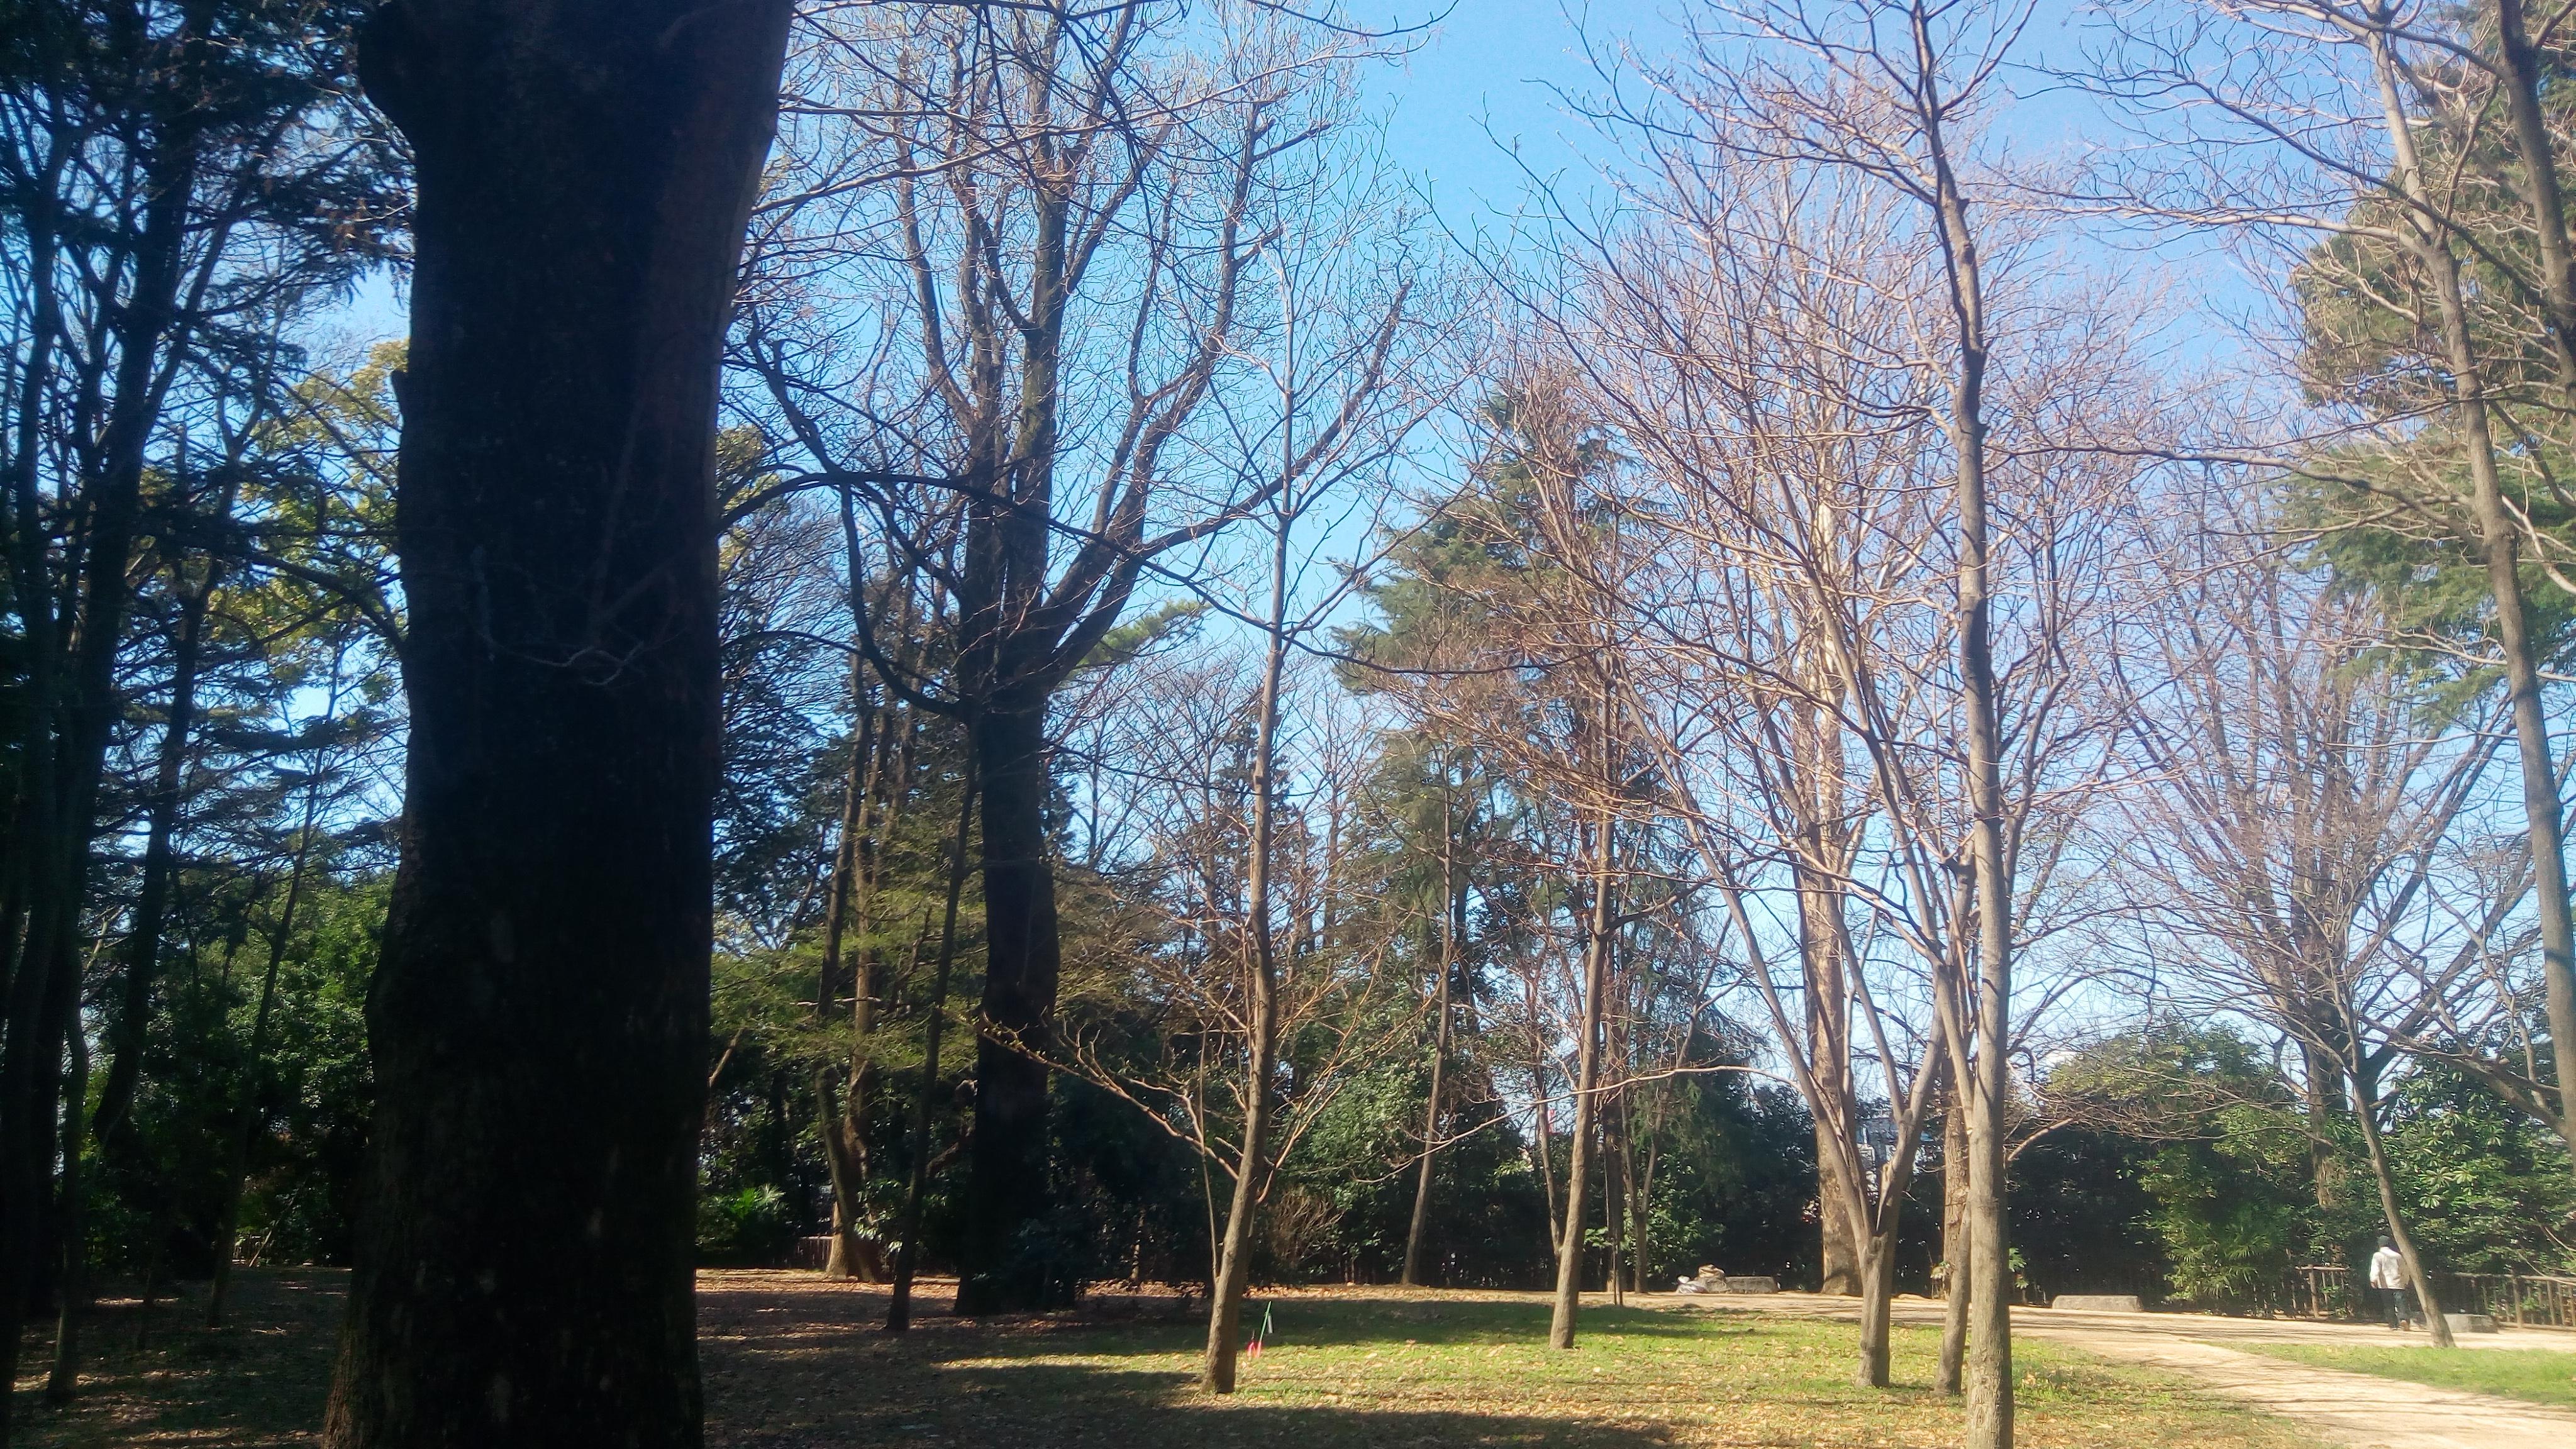 ウォーキング@江古田の森公園